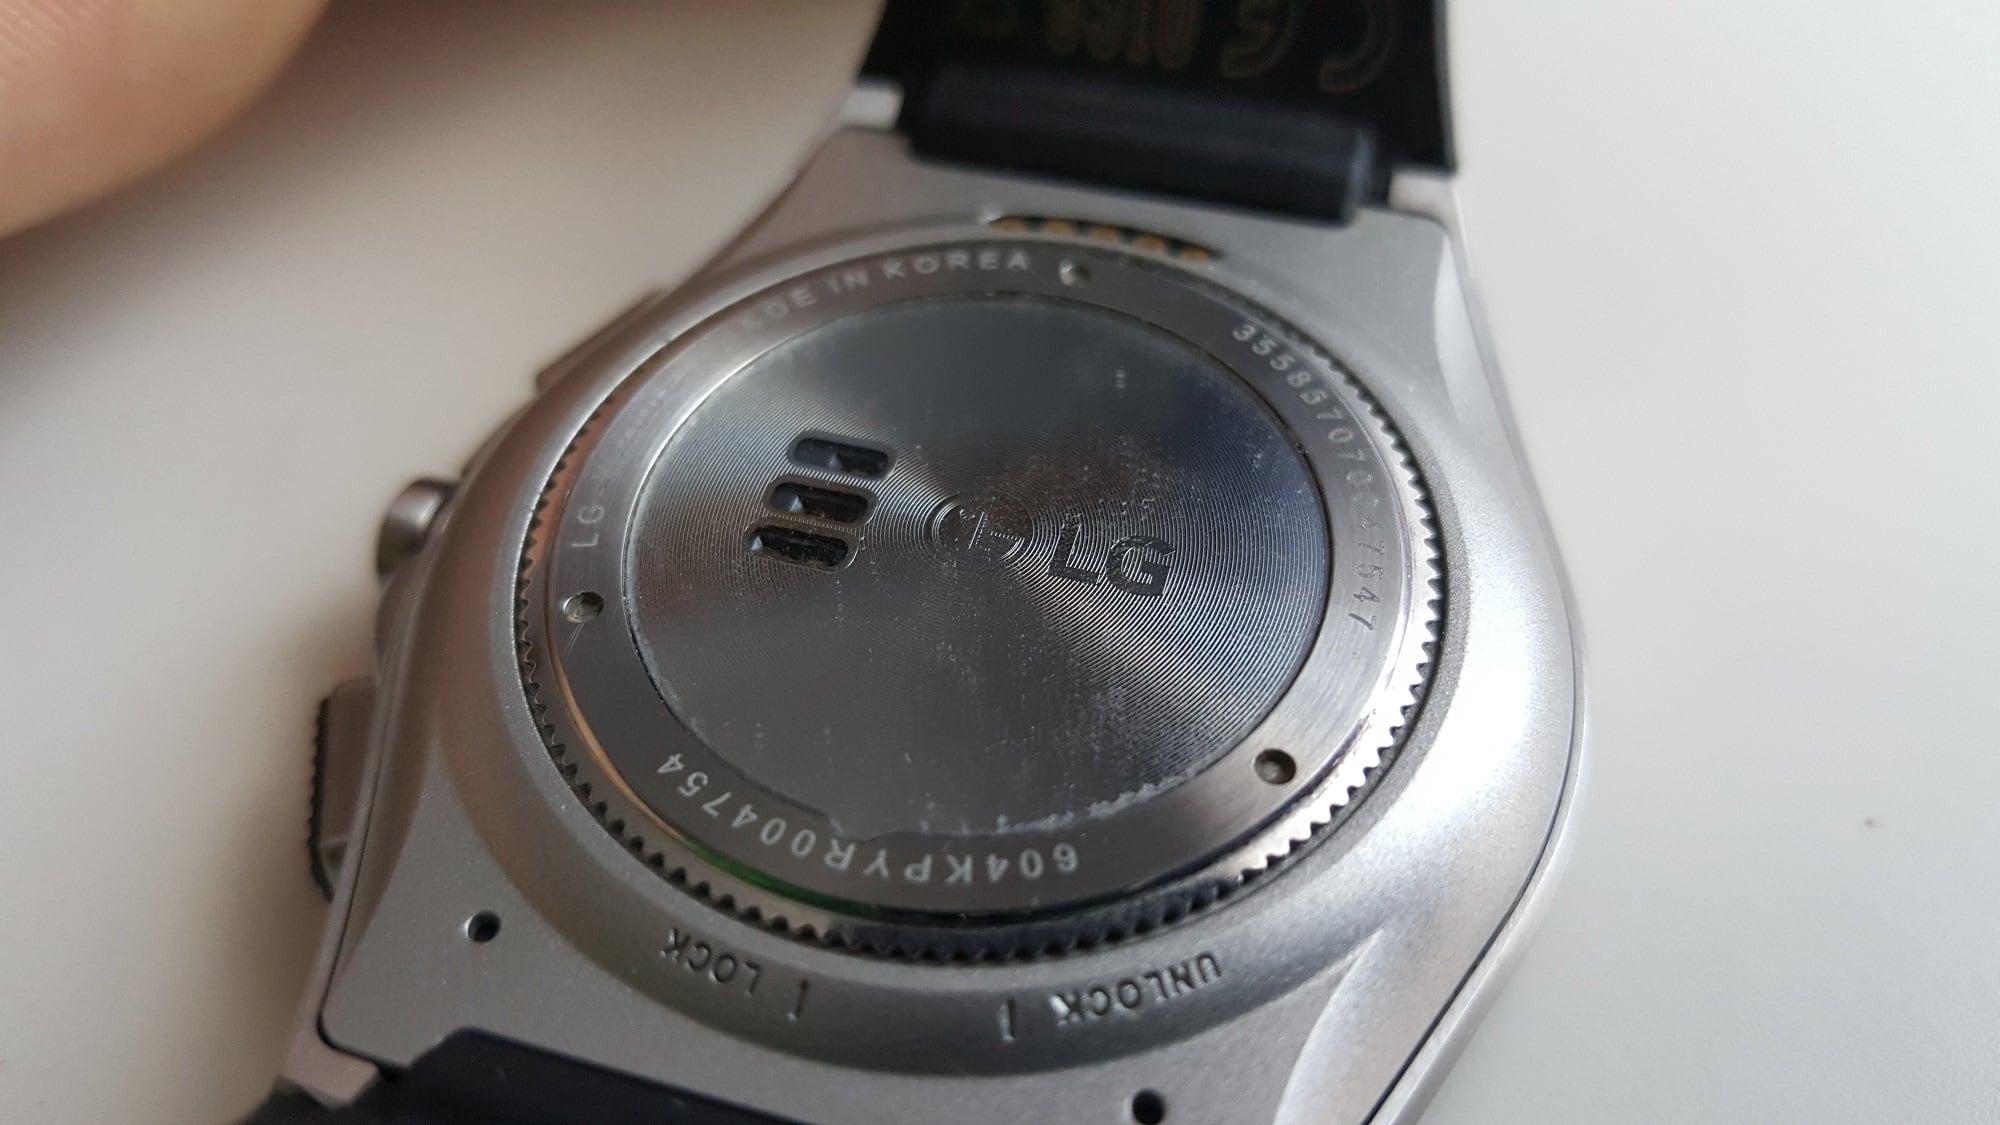 LG pracuje nad nowym zegarkiem, ale nie będzie to smartwatch, tylko hybryda. Znamy jego specyfikację 19